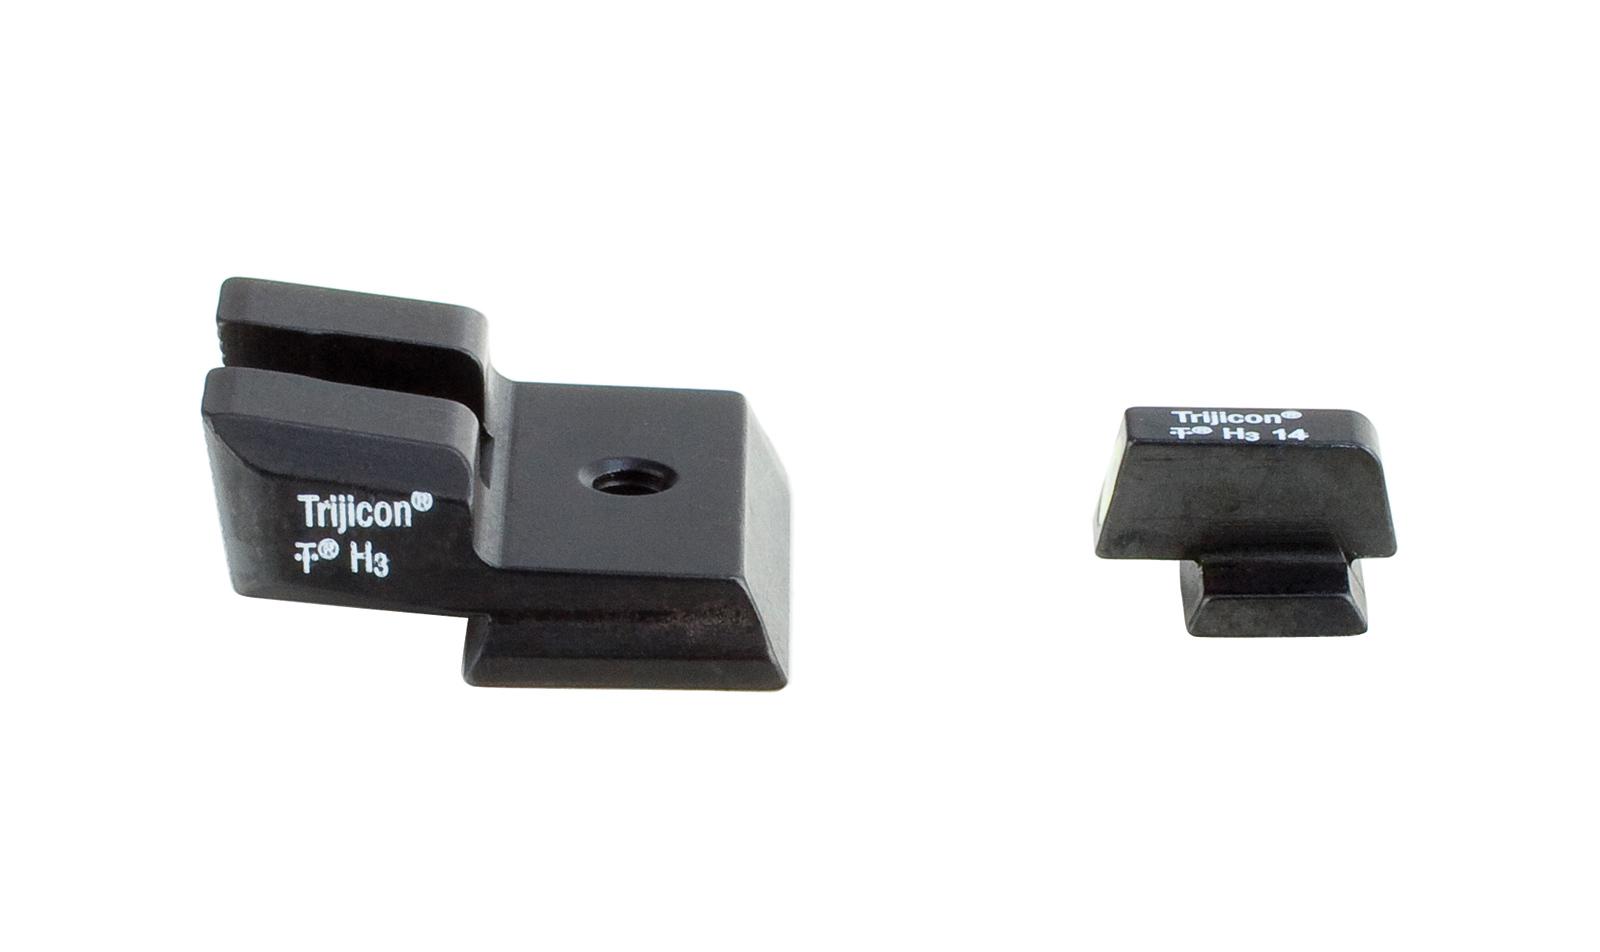 SA139-C-600721 angle 2